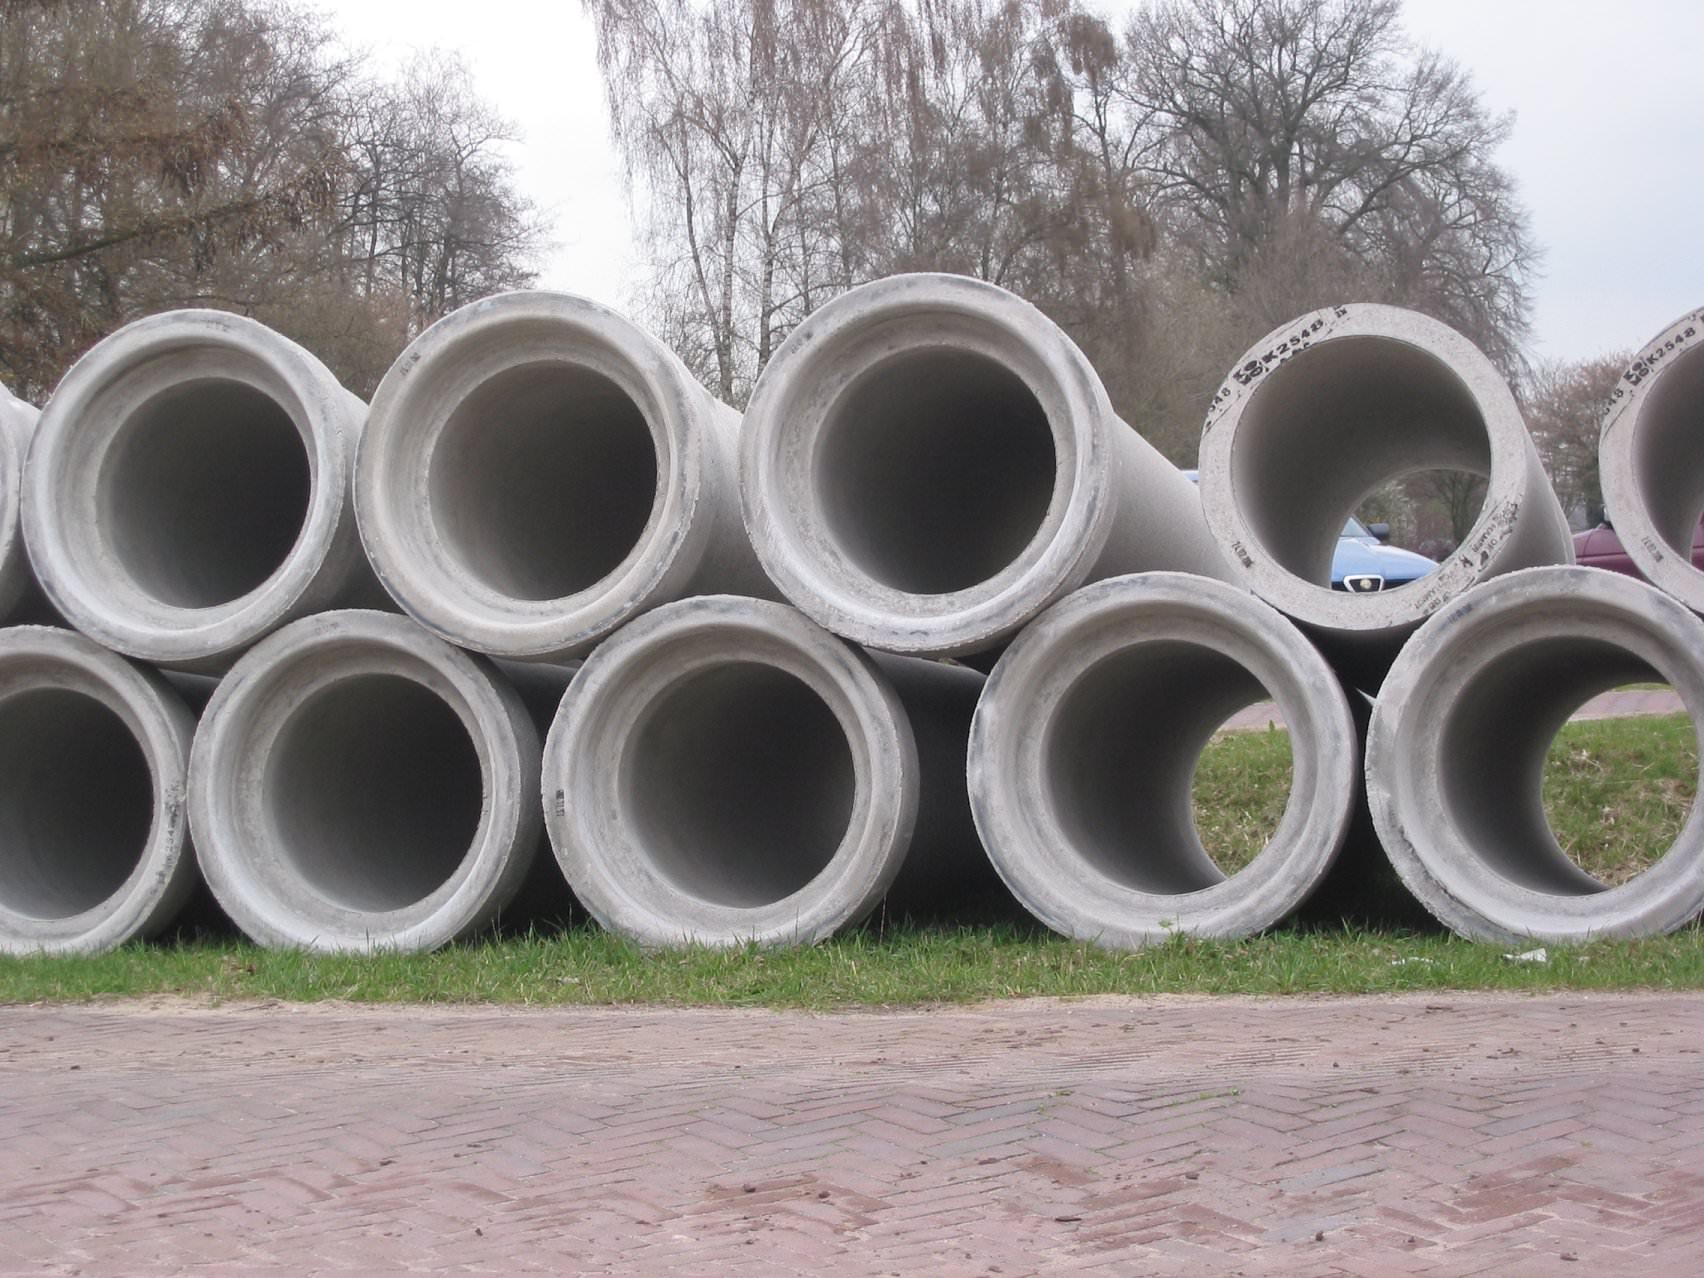 Installato il terzo tubo a Calatabiano. Tra le perplessità si va verso la normalità